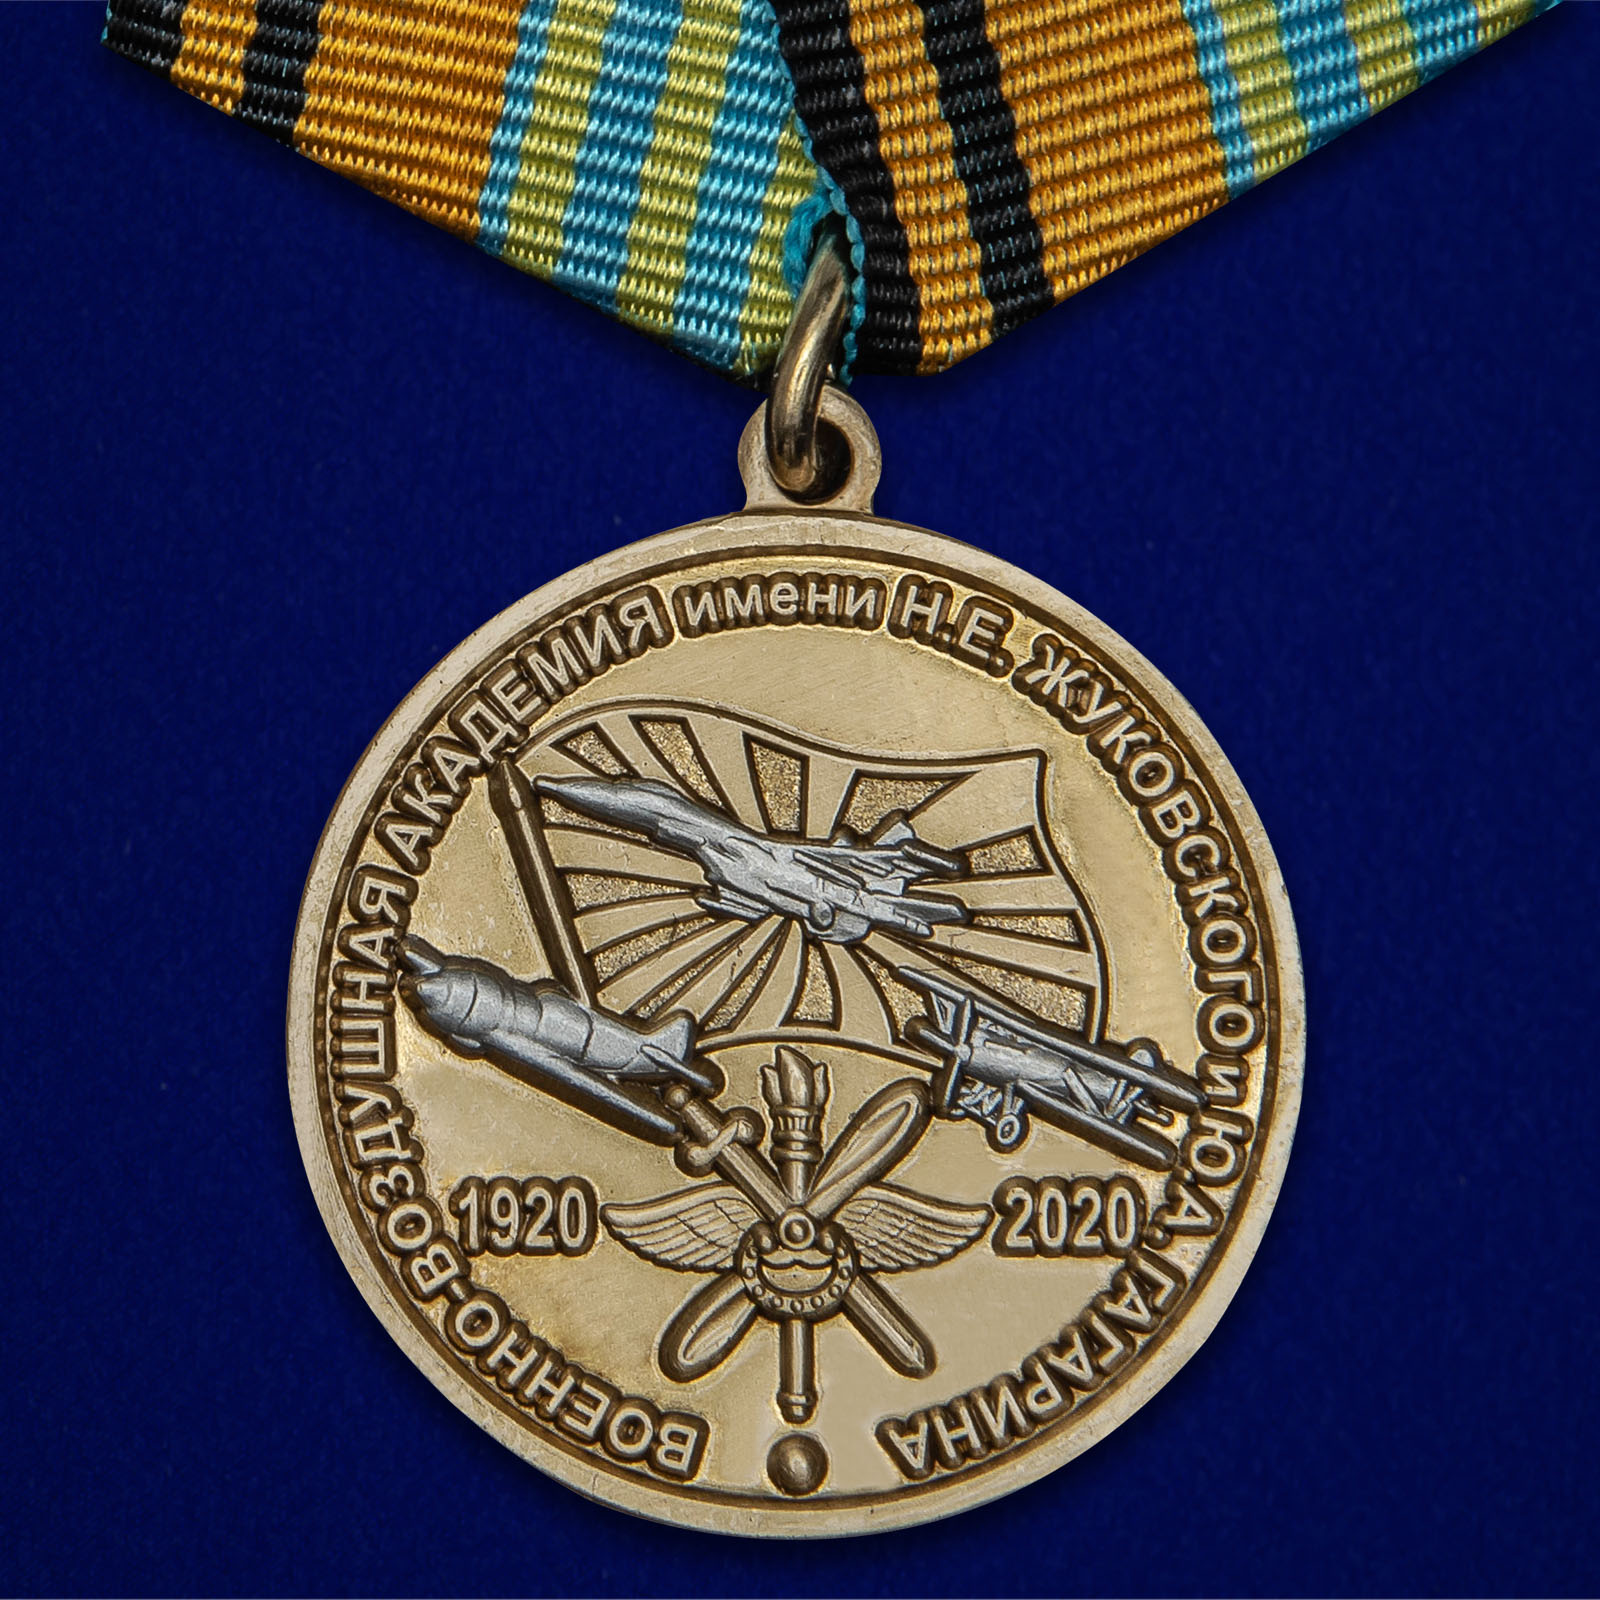 """Медаль """"100 лет Военно-воздушной академии им. Н.Е. Жуковского и Ю.А. Гагарина"""" №2400"""